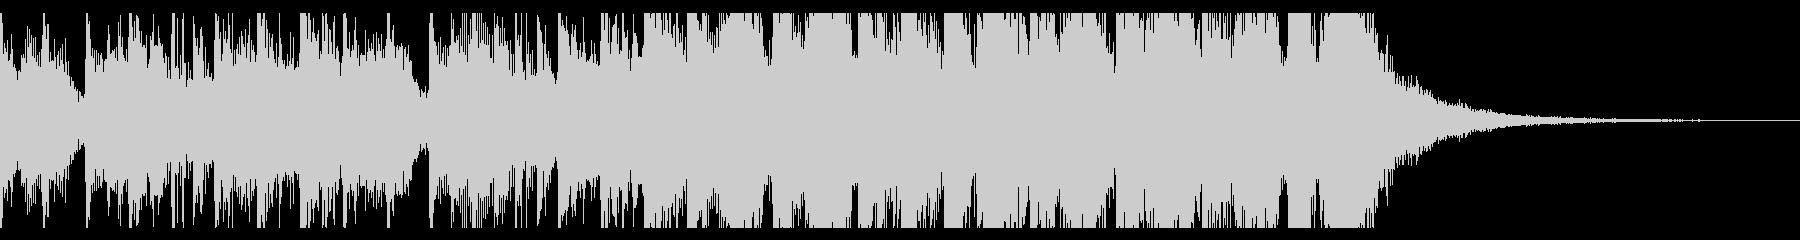 8小節のおしゃれ軽快ビートの未再生の波形